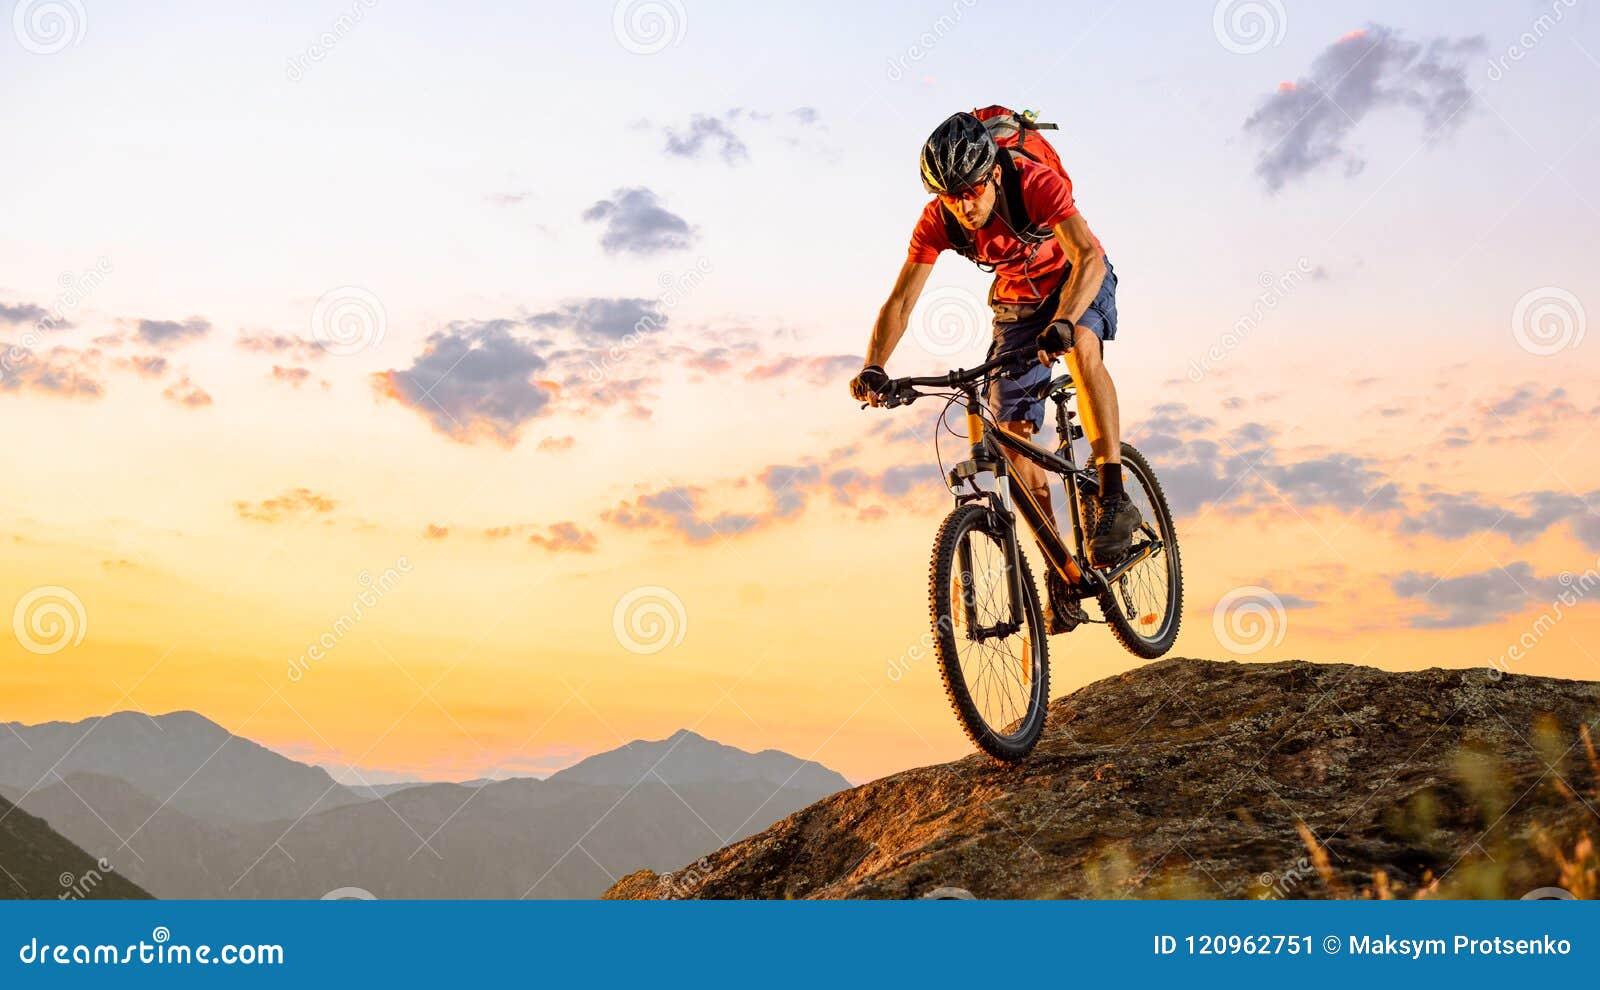 Ποδηλάτης στο κόκκινο που οδηγά το ποδήλατο κάτω από το βράχο στο ηλιοβασίλεμα Ακραίος αθλητισμός και έννοια Enduro Biking